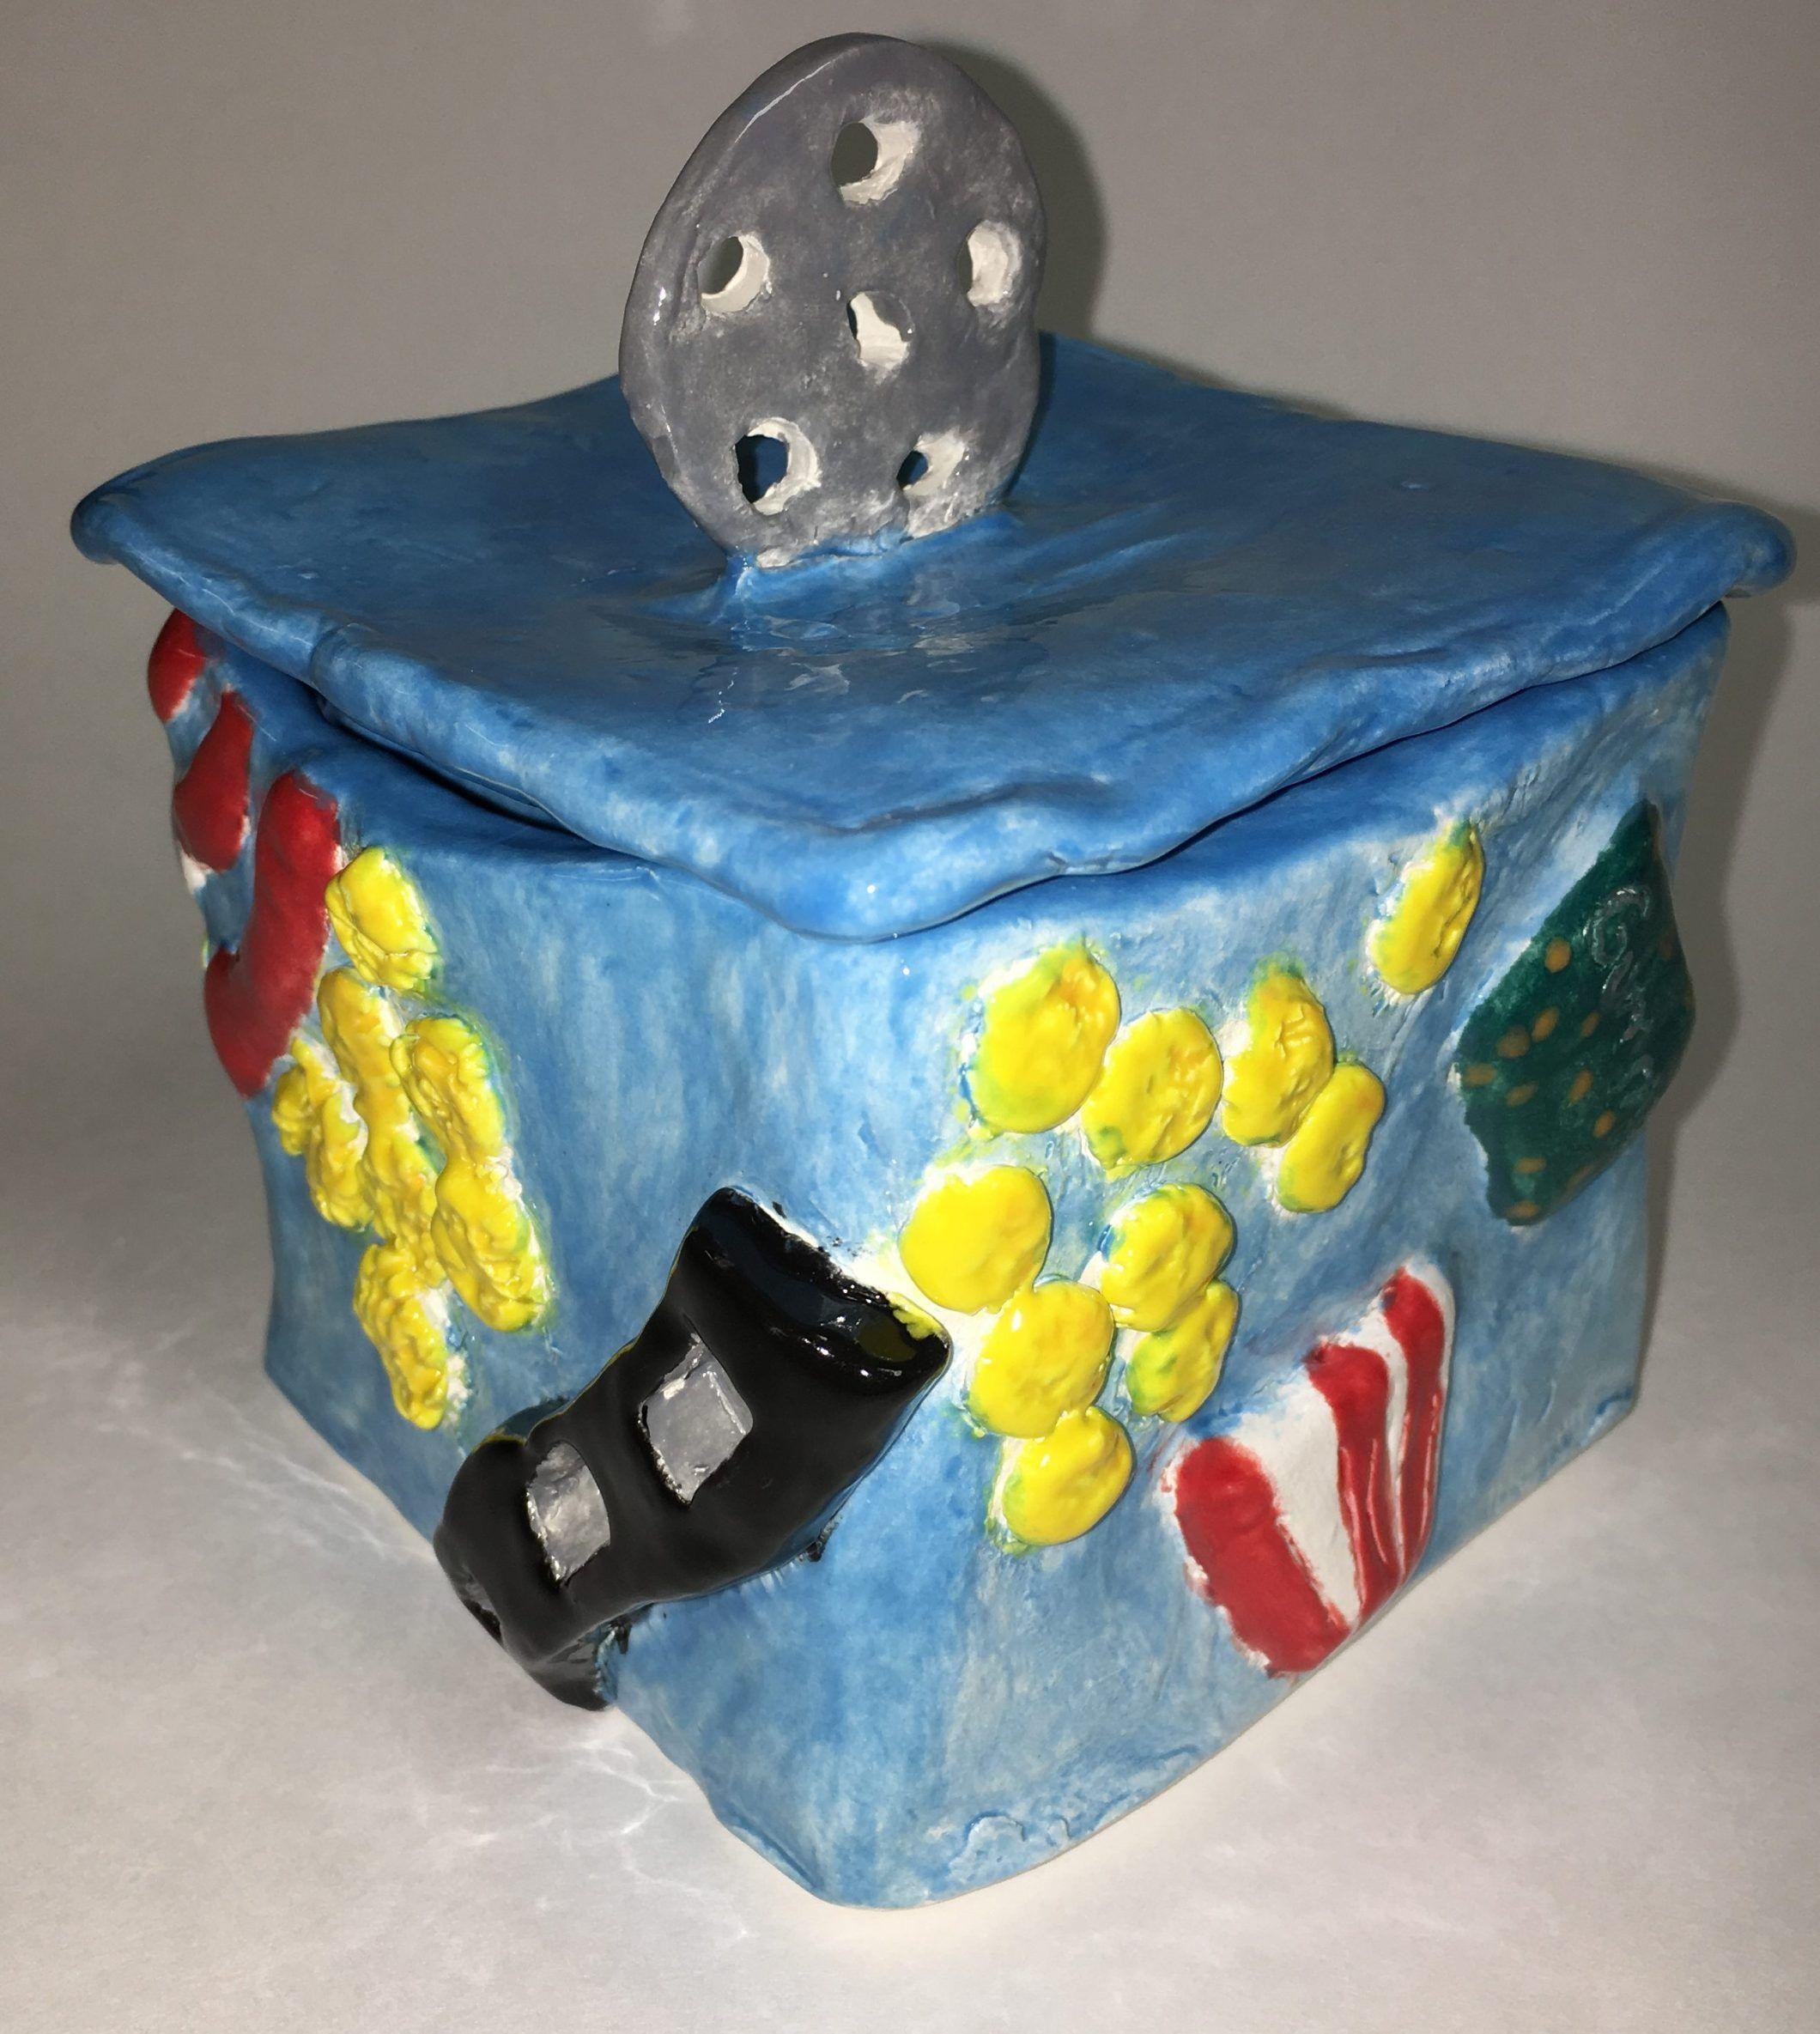 Ceramic Box With Lid Lesson In 2020 Ceramic Boxes Ceramics Kids Clay